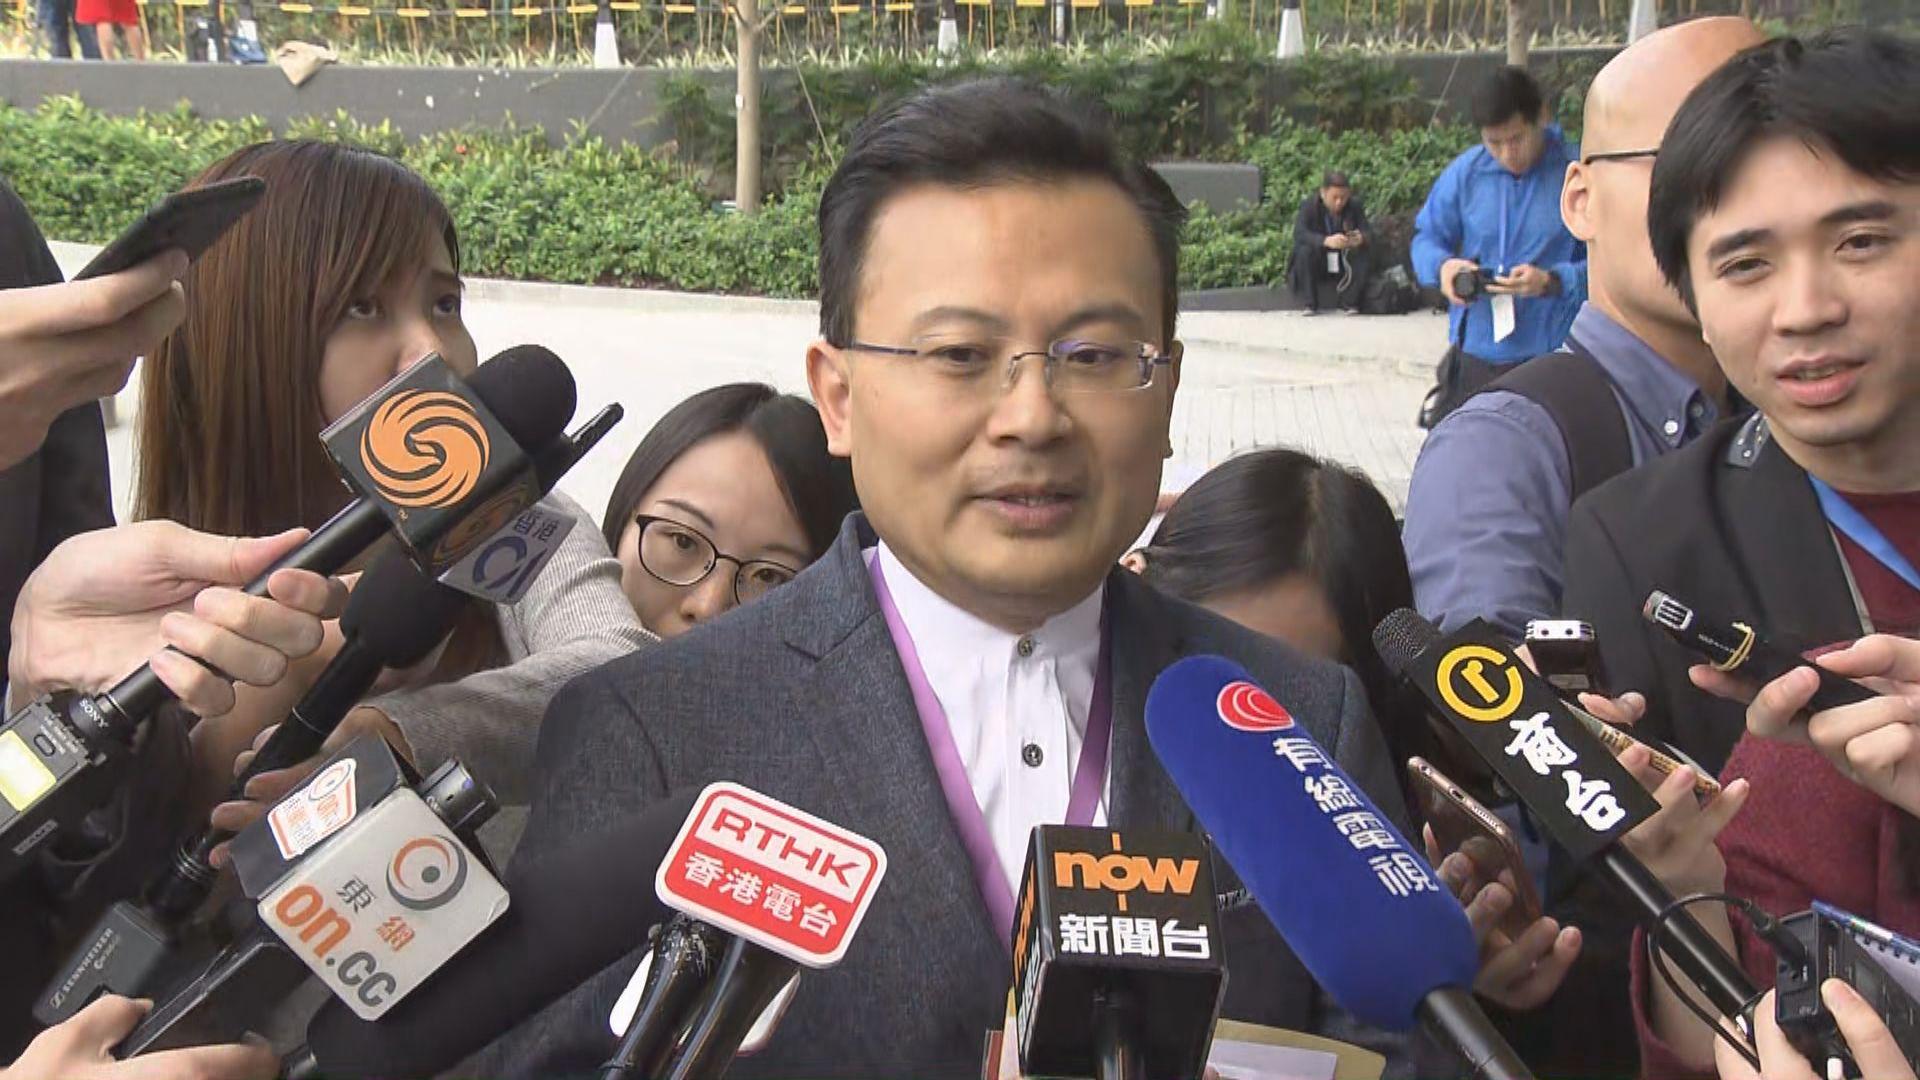 陳勇:盼不想融入大灣區發展的人勿破壞規劃